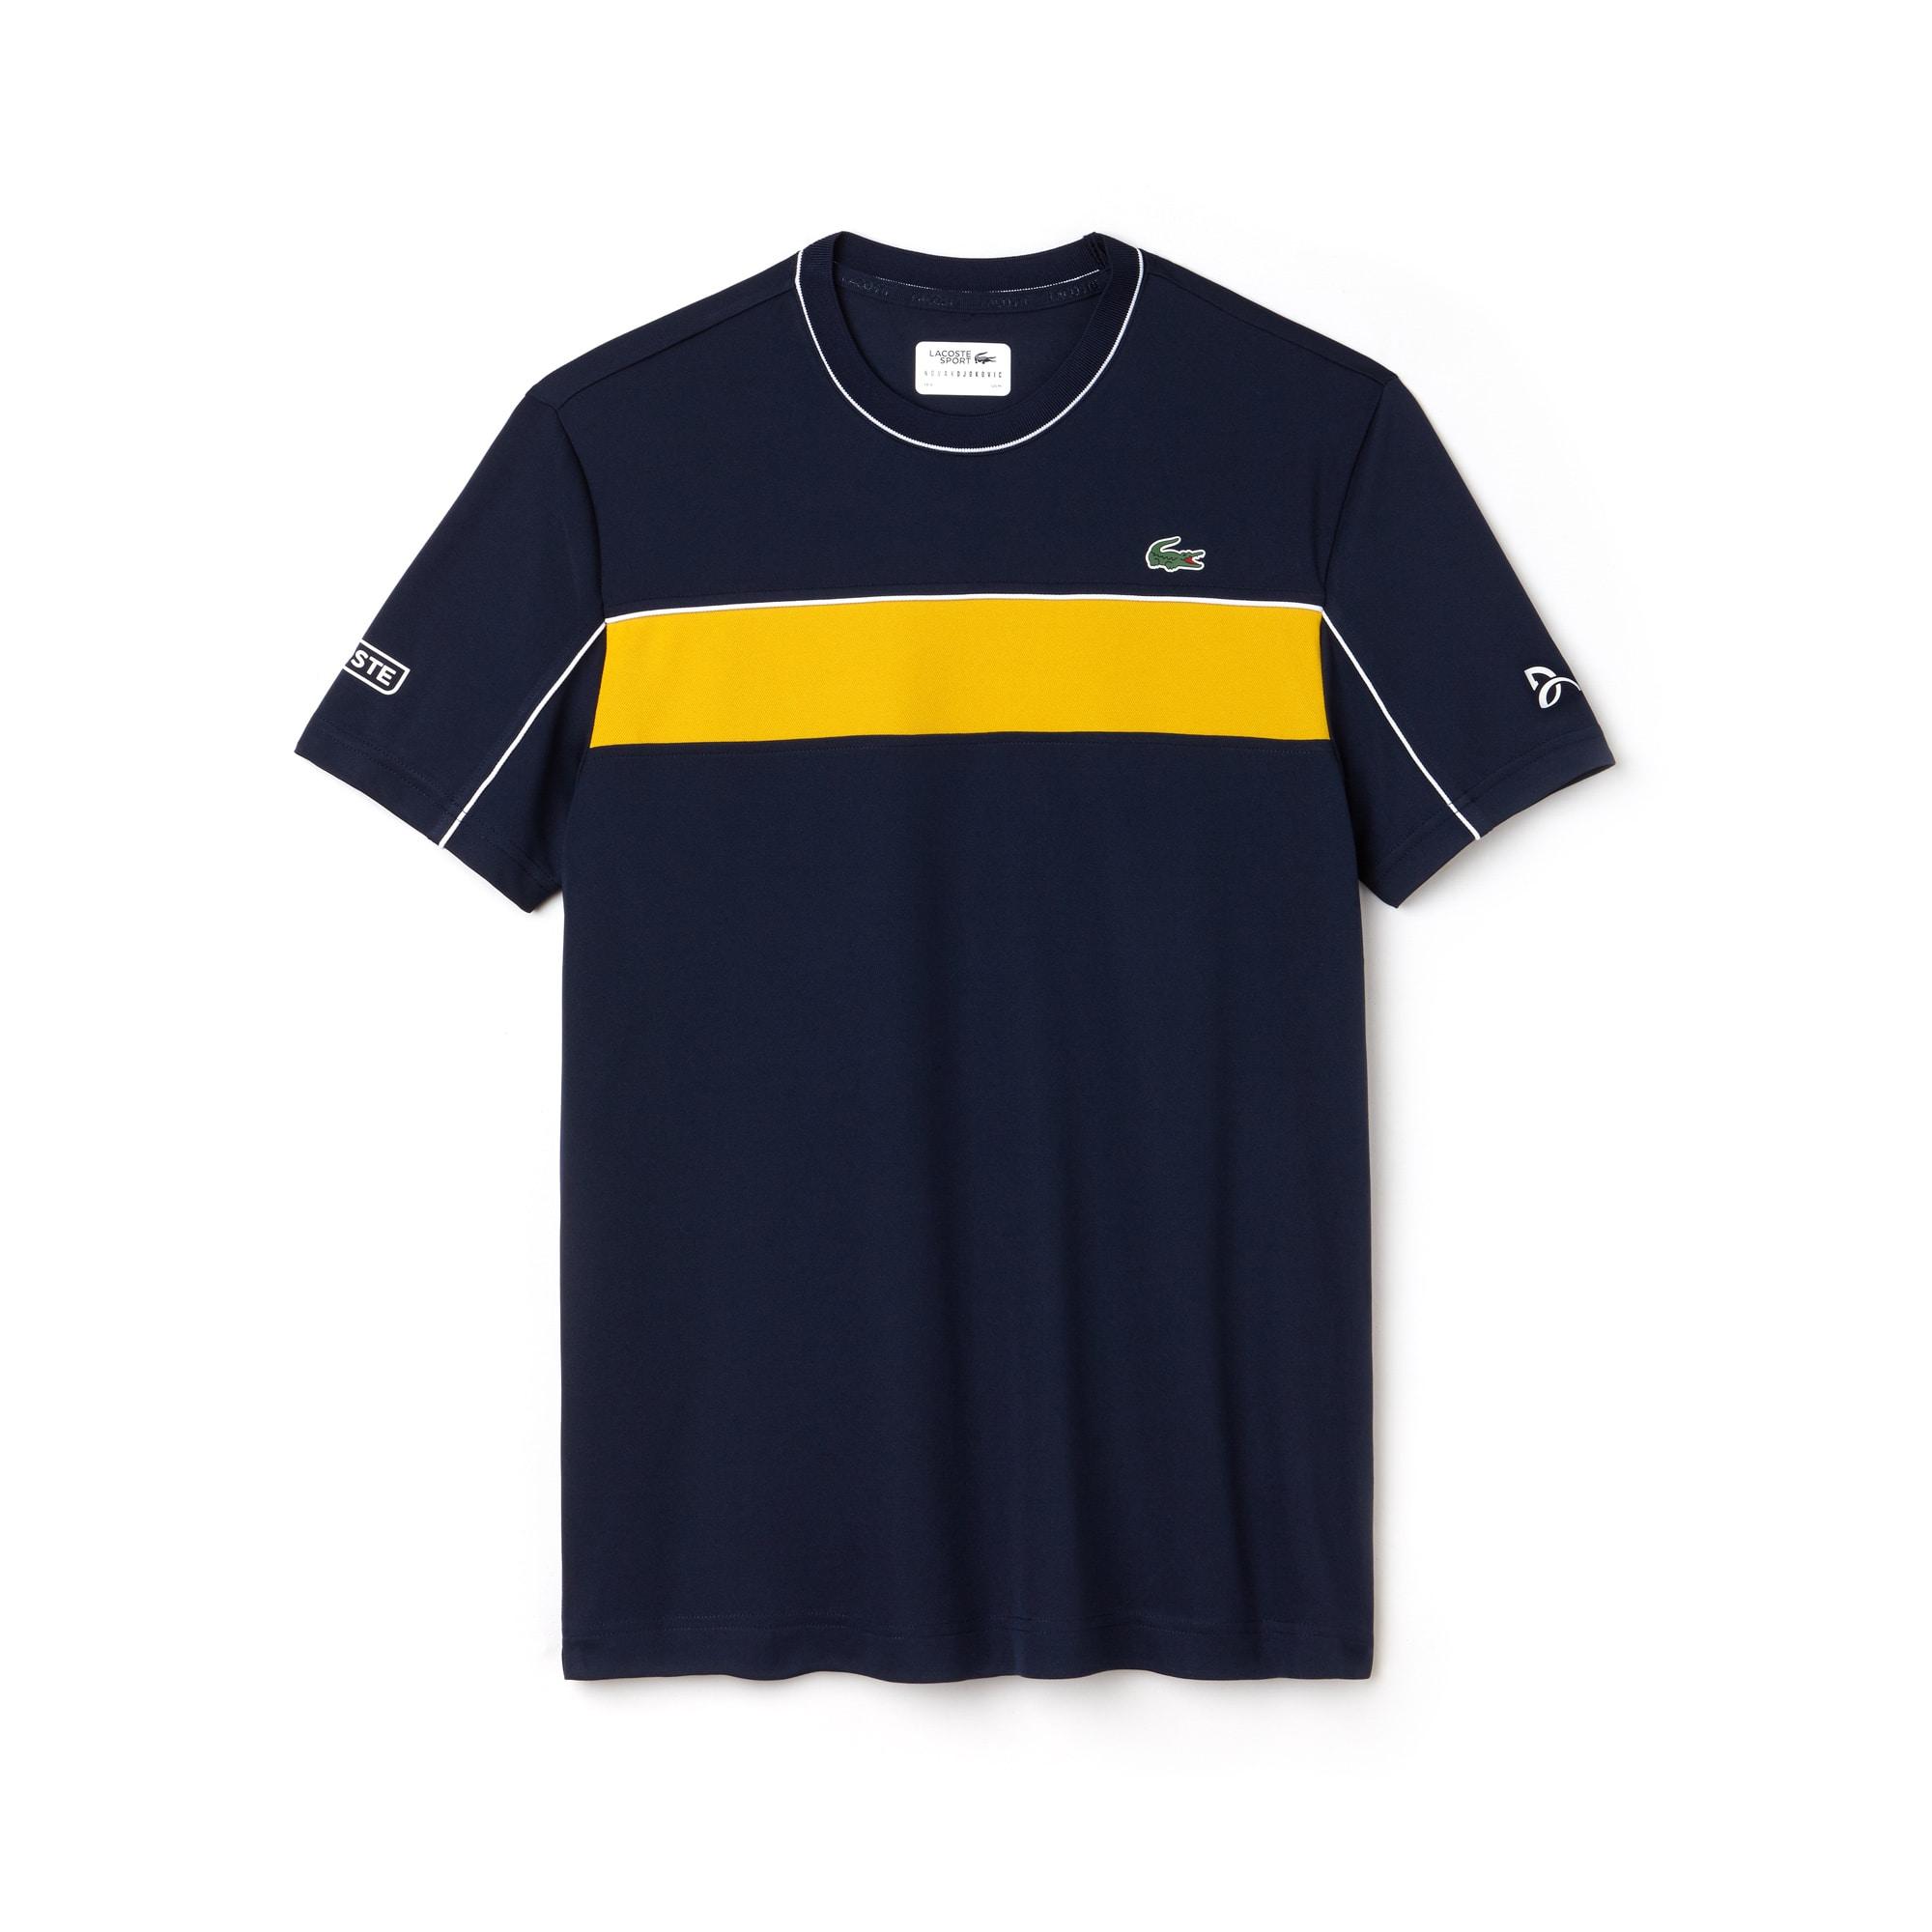 T-shirt LACOSTE SPORT COLLEZIONE NOVAK DJOKOVIC in piqué tecnico color block